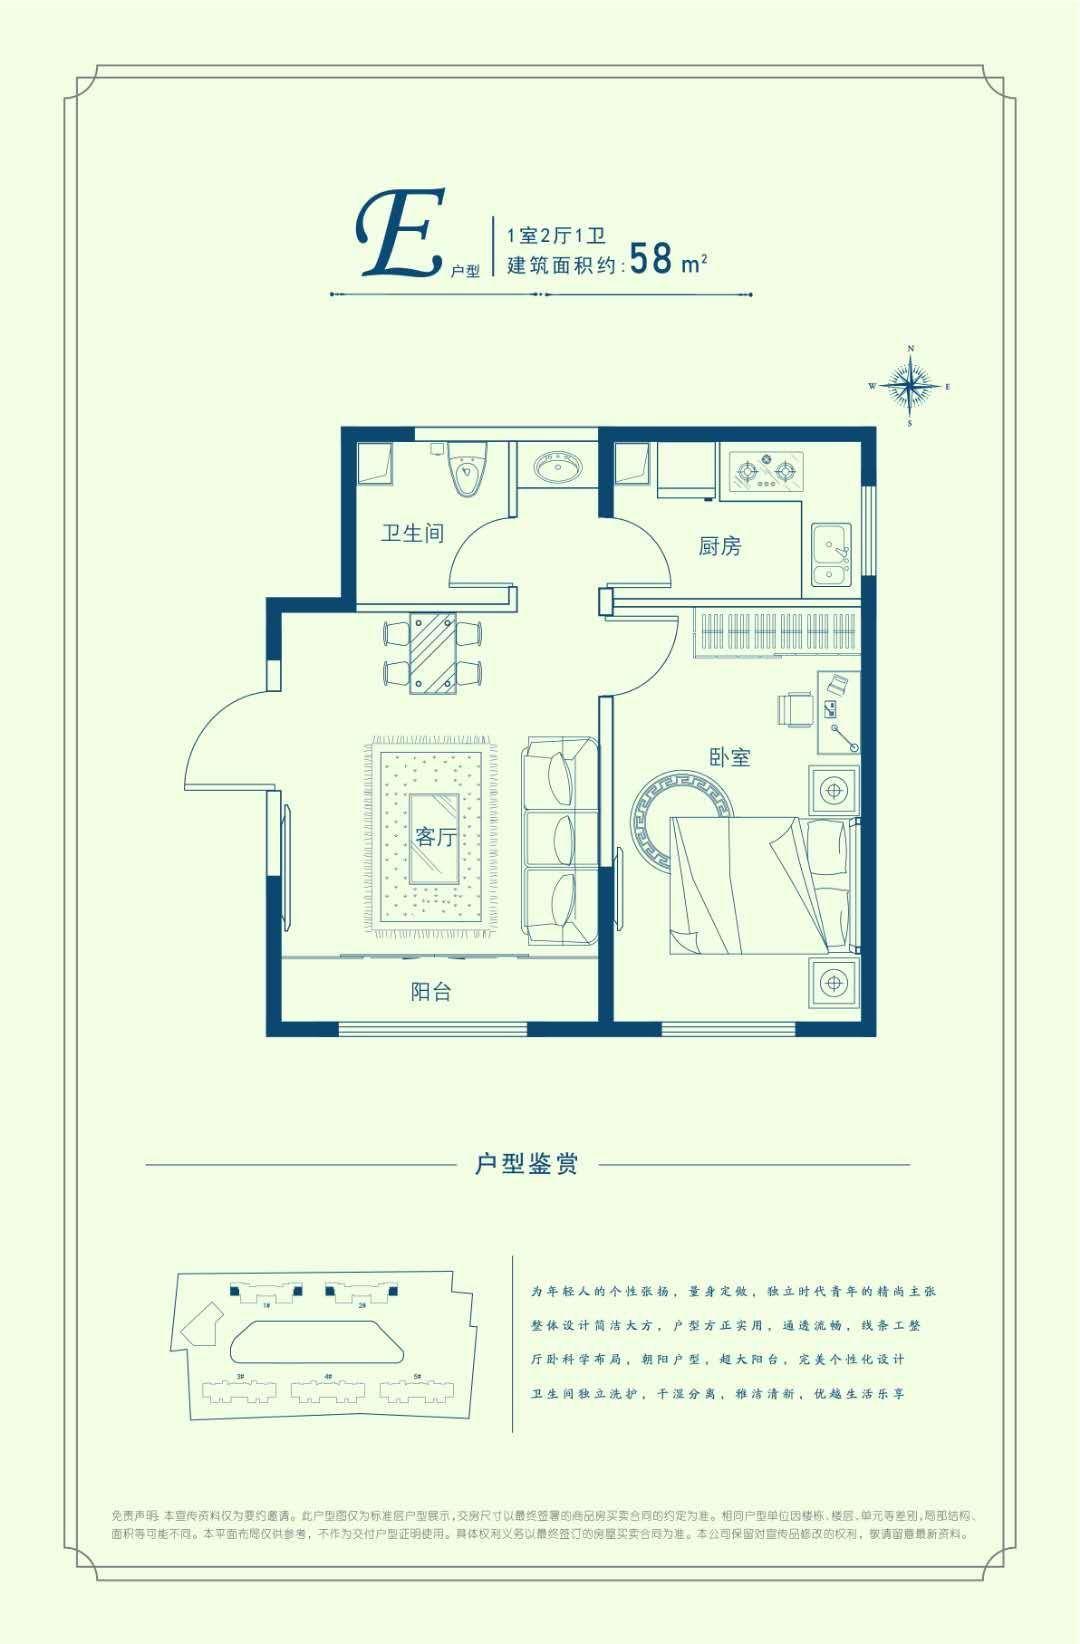 E户型1室2厅58平